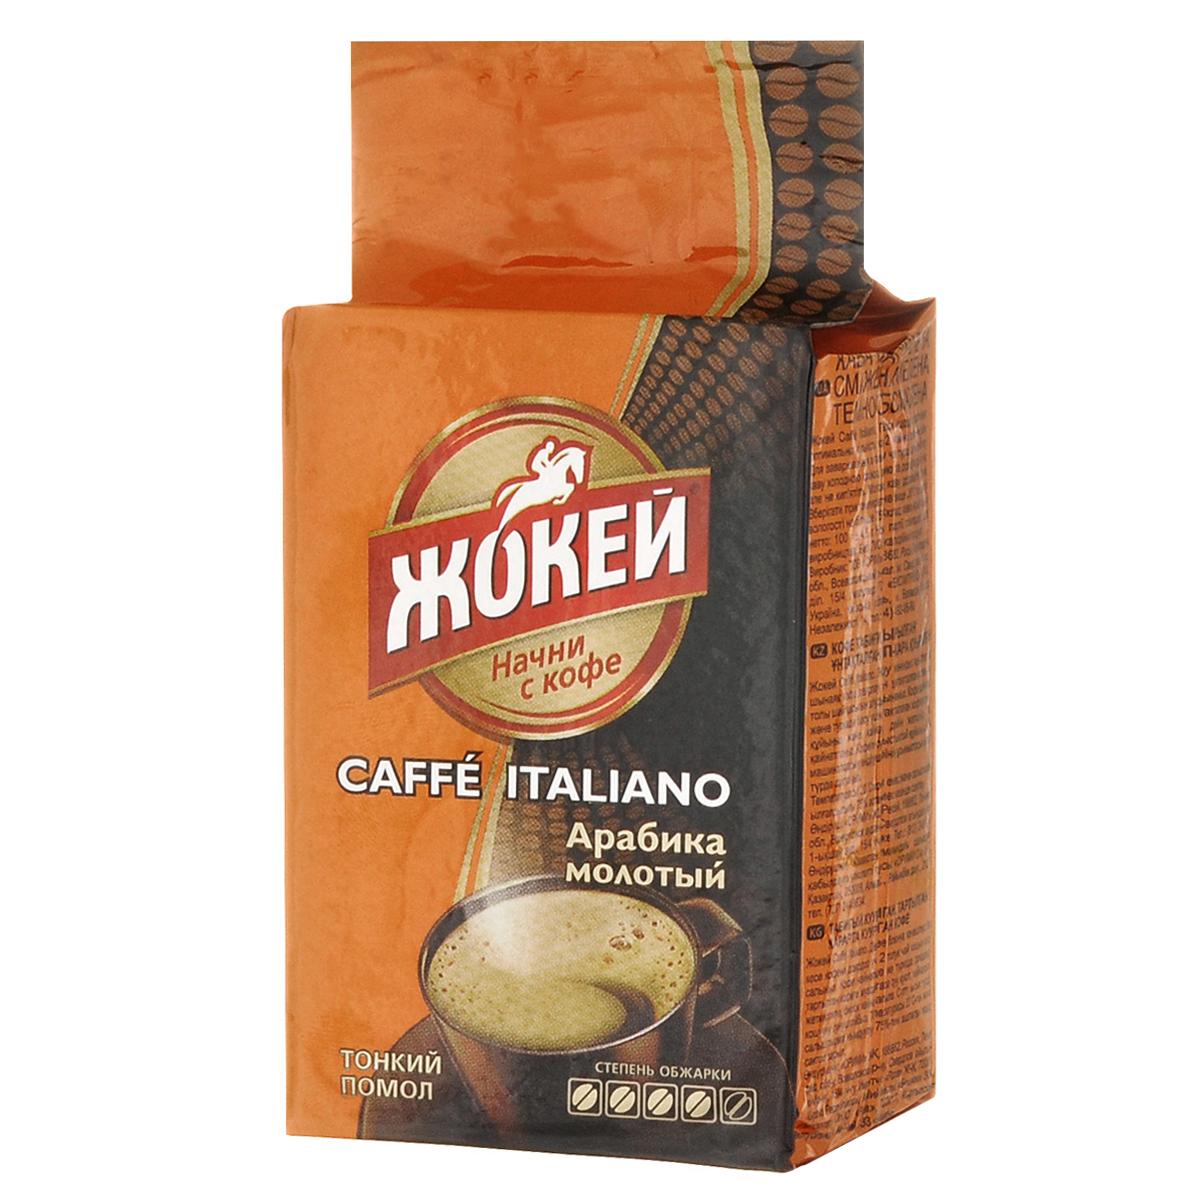 Жокей Caffe Italiano кофе молотый, 100 г0464-42Молотый кофе Жокей Caffe Italiano – это особый вкус итальянской традиции. Кофе представляет собой особо сочетание сортов центрально-американского кофе темной обжарки, придающего терпкость, и эфиопского кофе, привносящий сладость.